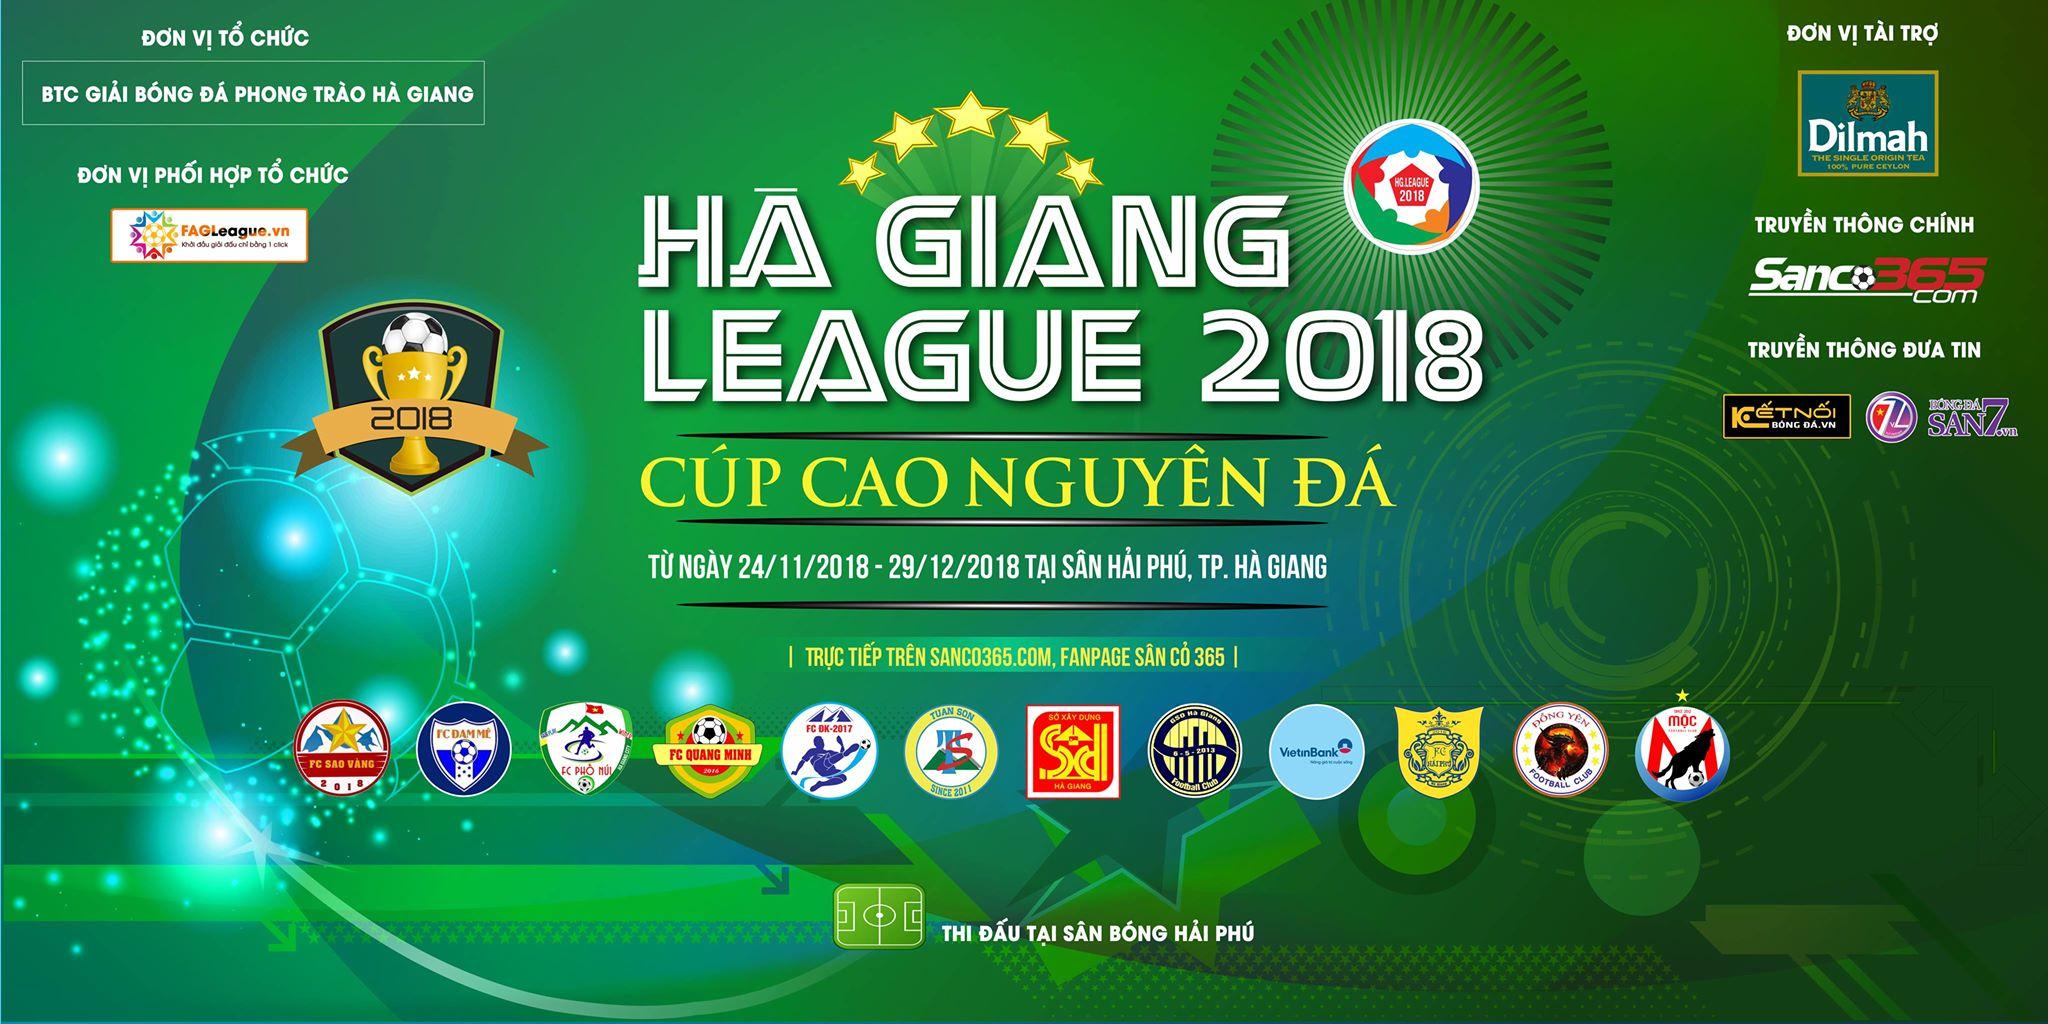 Hà Giang League 2018 - Cup Cao Nguyên đá